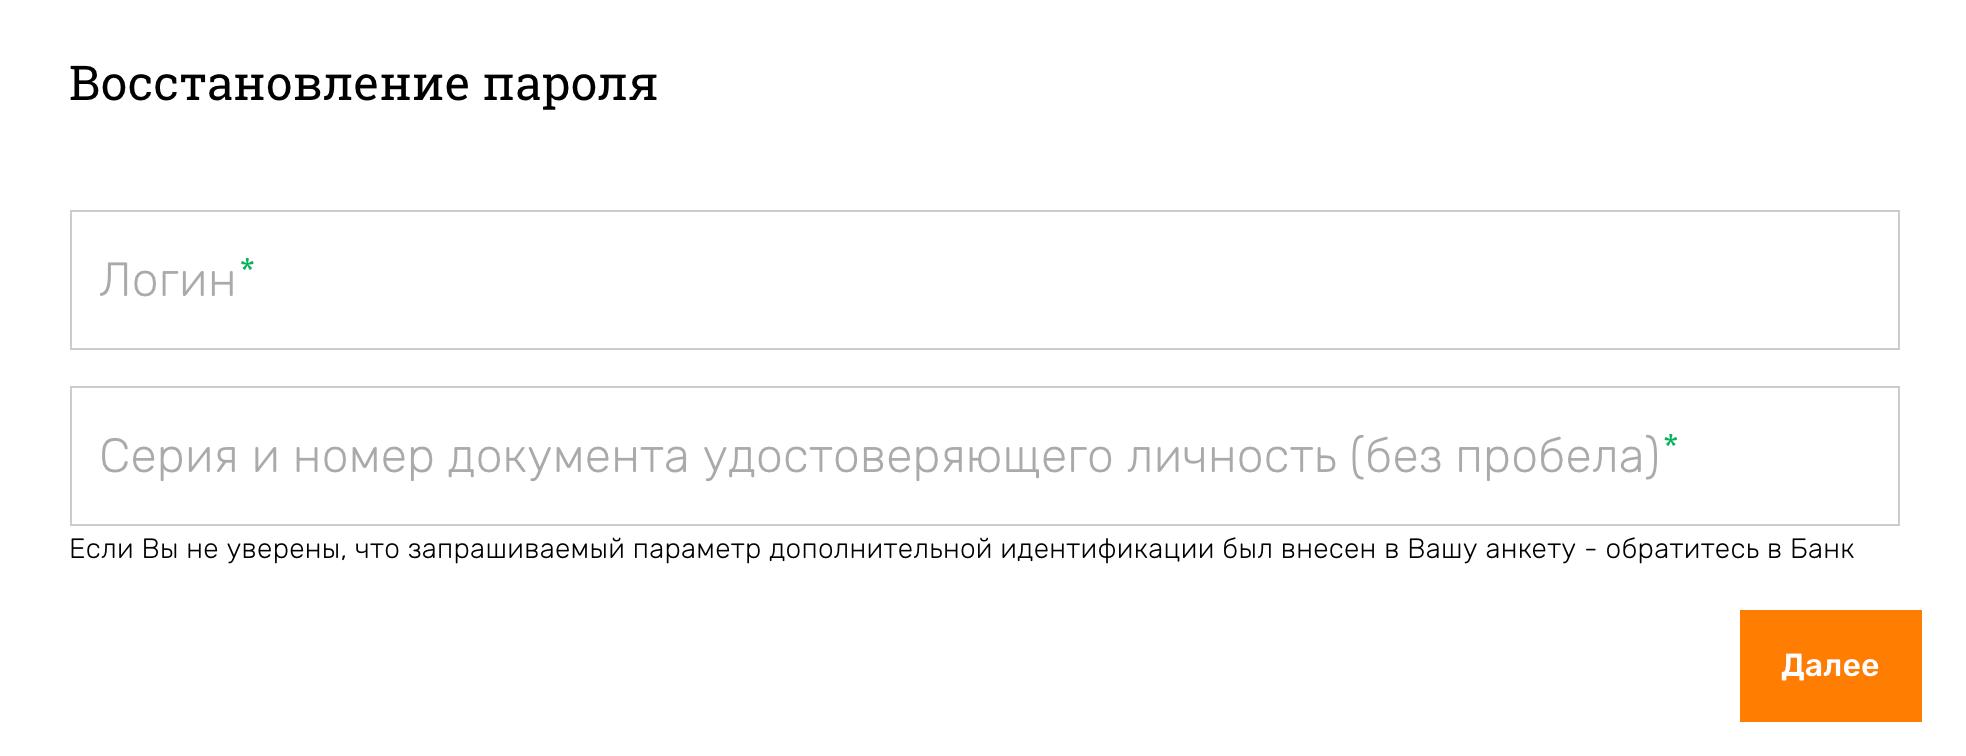 Банк Дом.рф: вход в личный кабинет